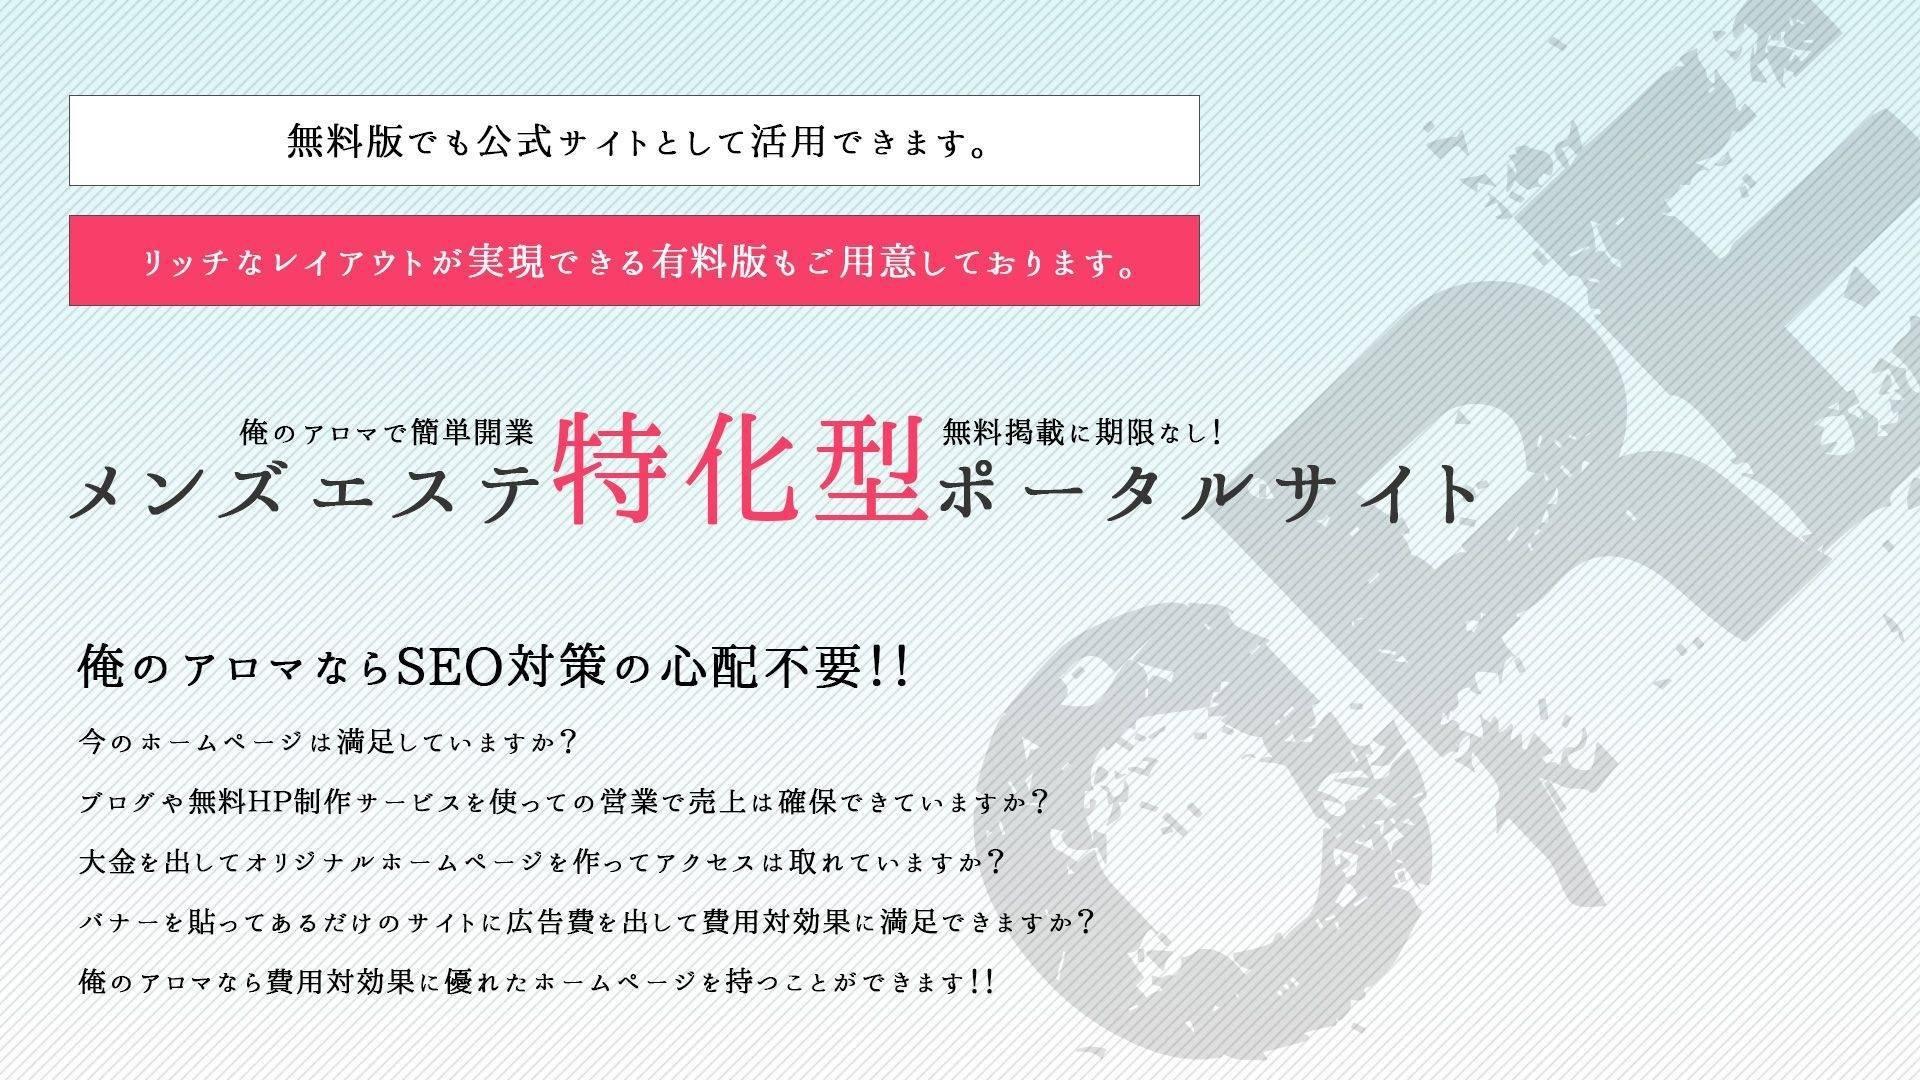 B-TYPEの見本【TEST】